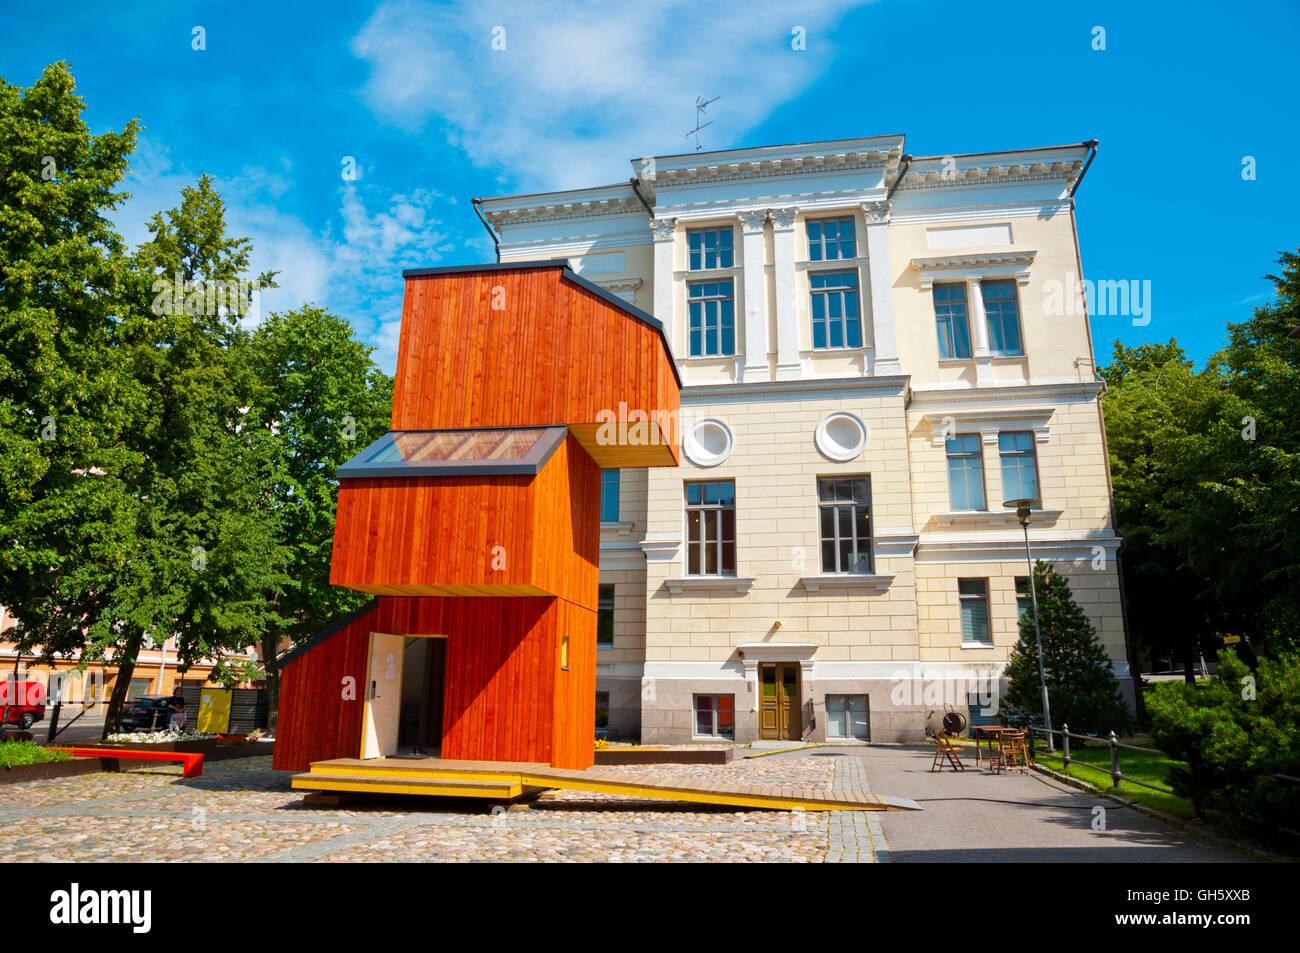 Suomen Arkkitehtuurimuseo, Museum für finnische Architektur mit KoKoon Holzgebäude, Helsinki, Finnland Stockbild